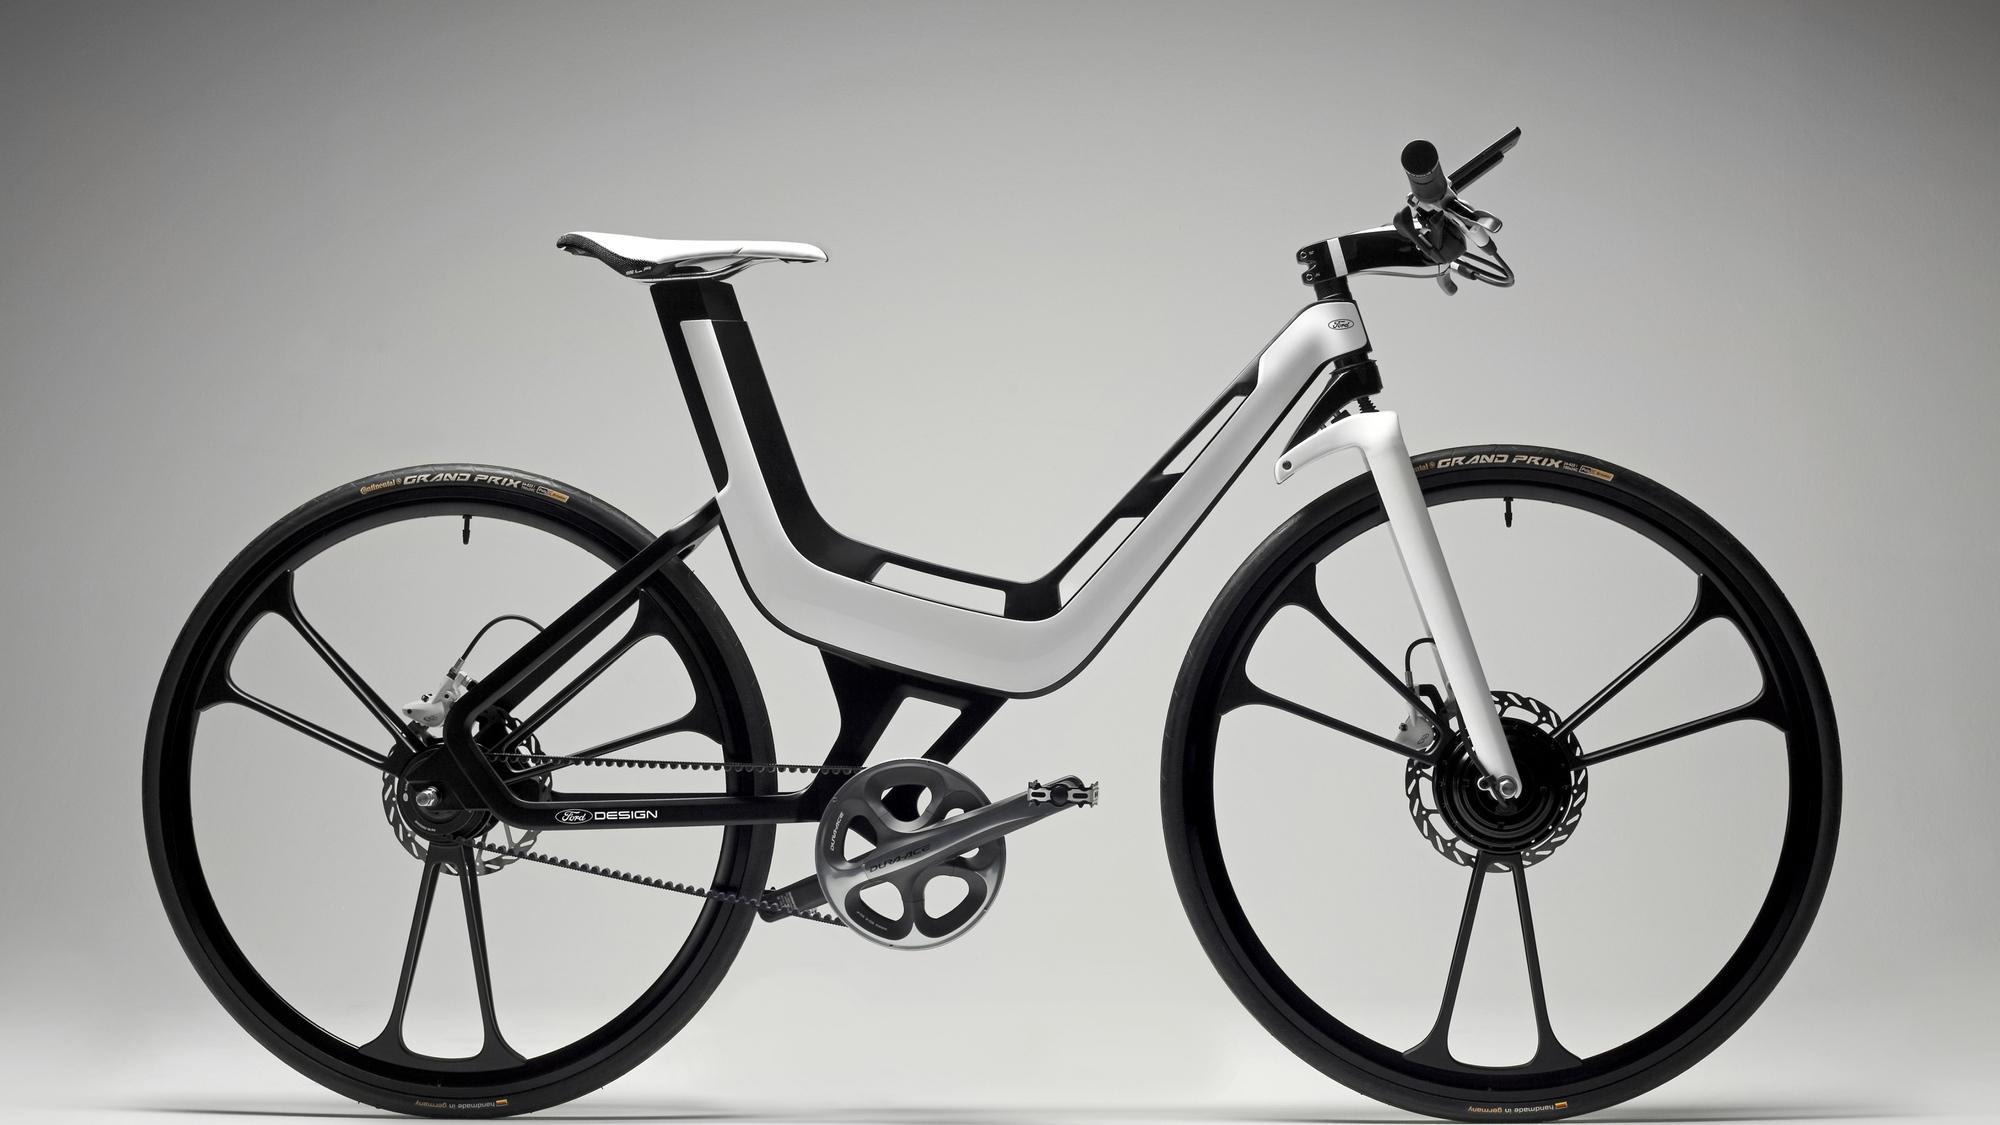 Ford E-Bike Concept, 2011 Frankfurt Auto Show